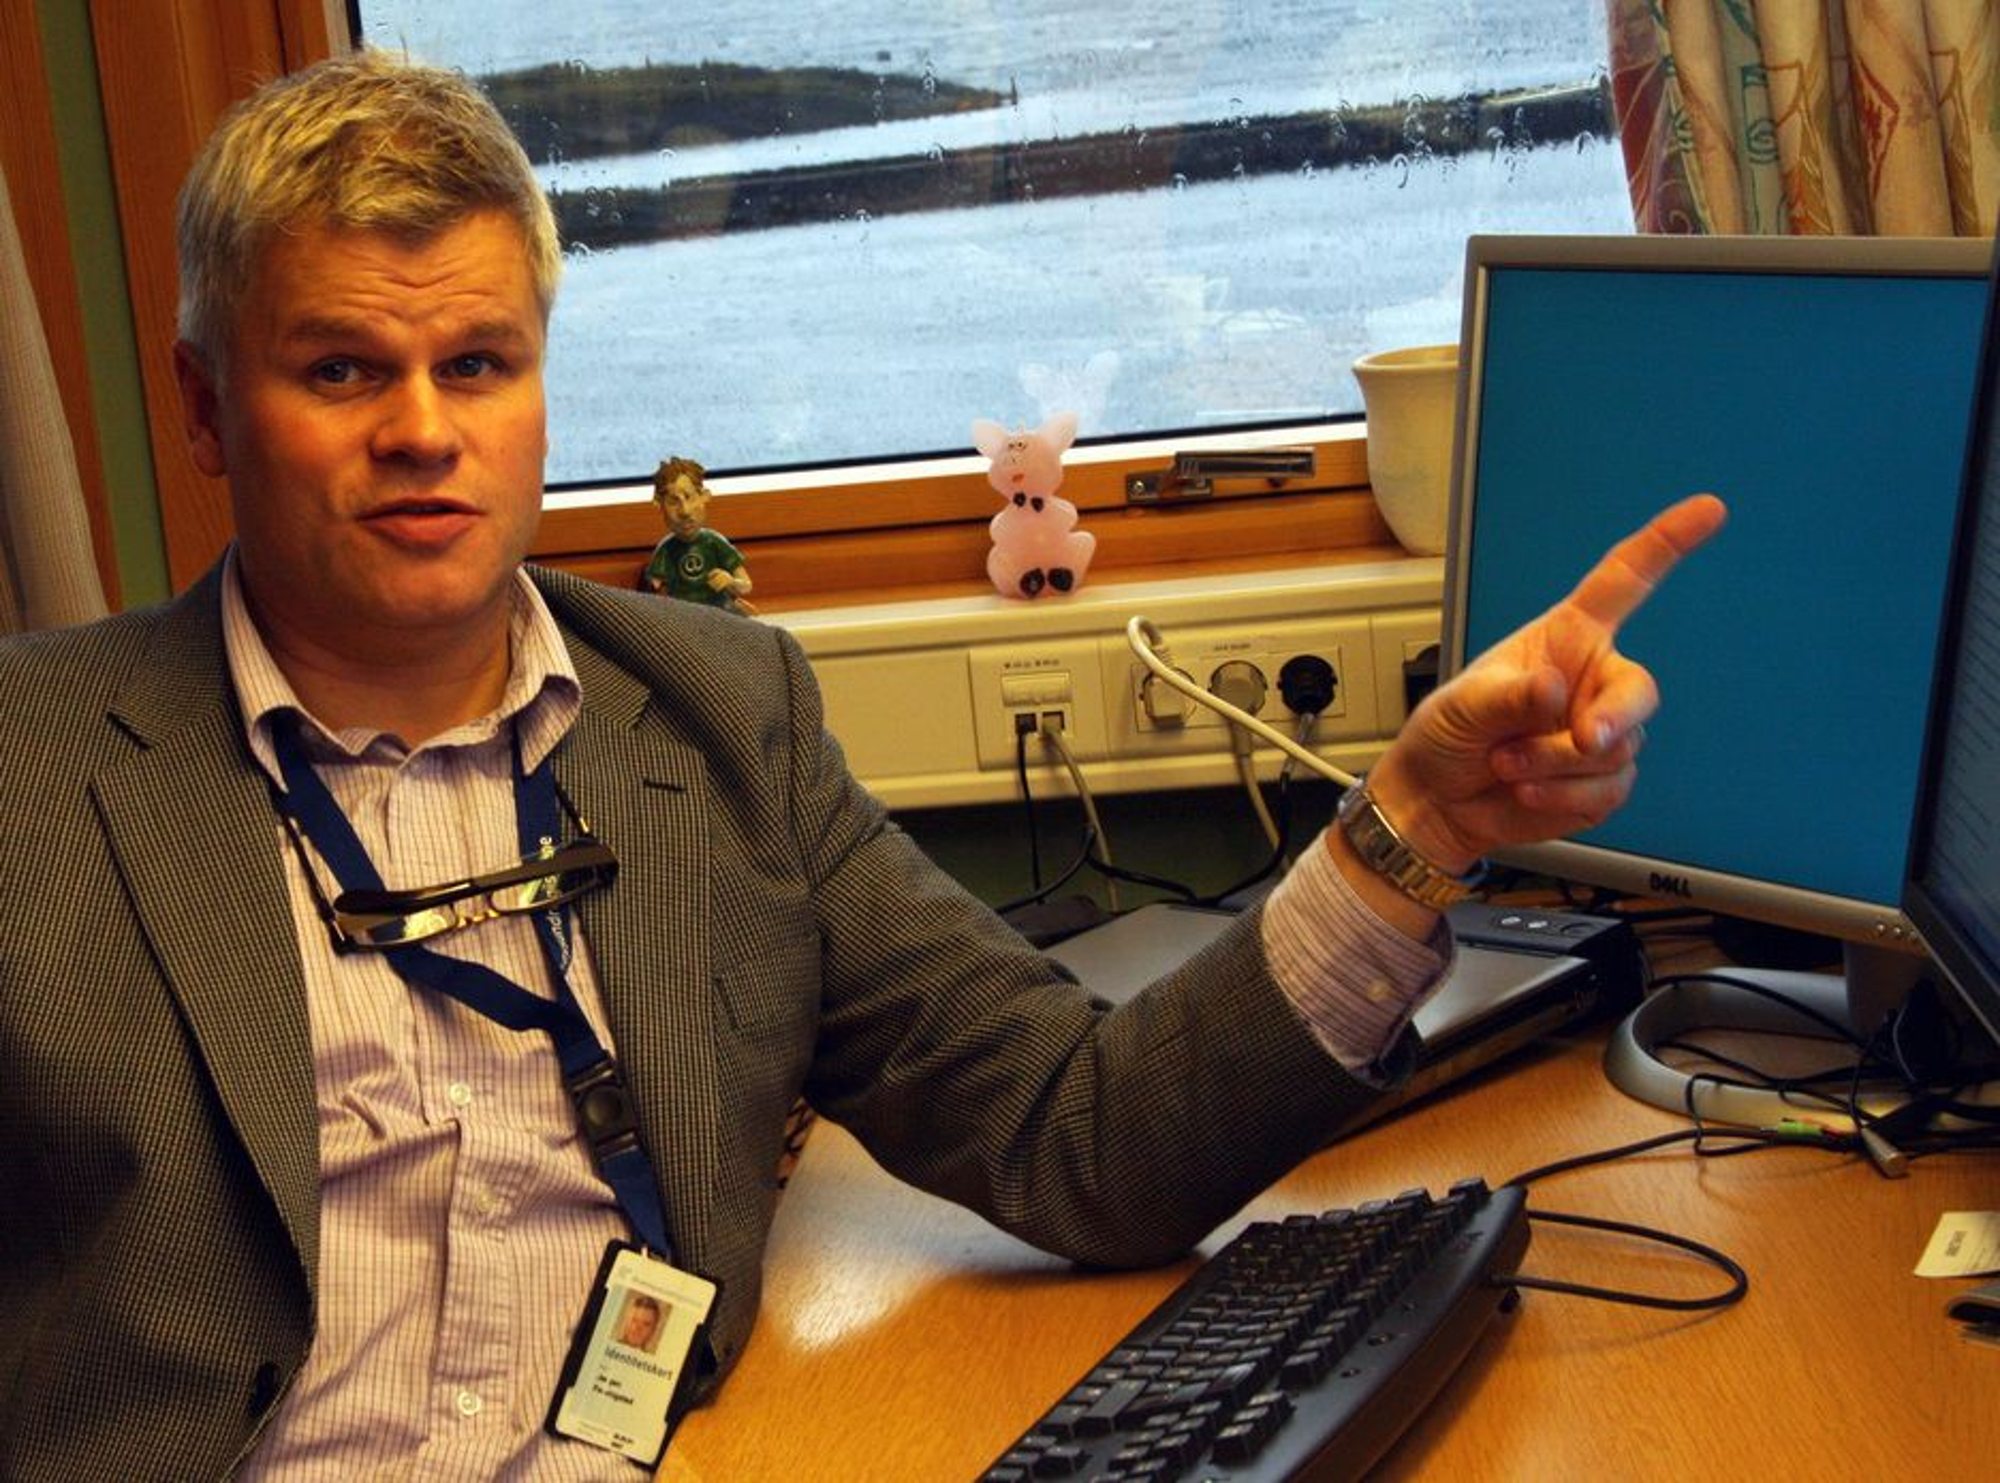 OMFATTENDE: Kommunikasjonsansvarlig Jørgen Ferkingstad sier at omlegging av nye Altinn til versjon 2 er en omfattende prosess som krever nedstenging av tjenesten.